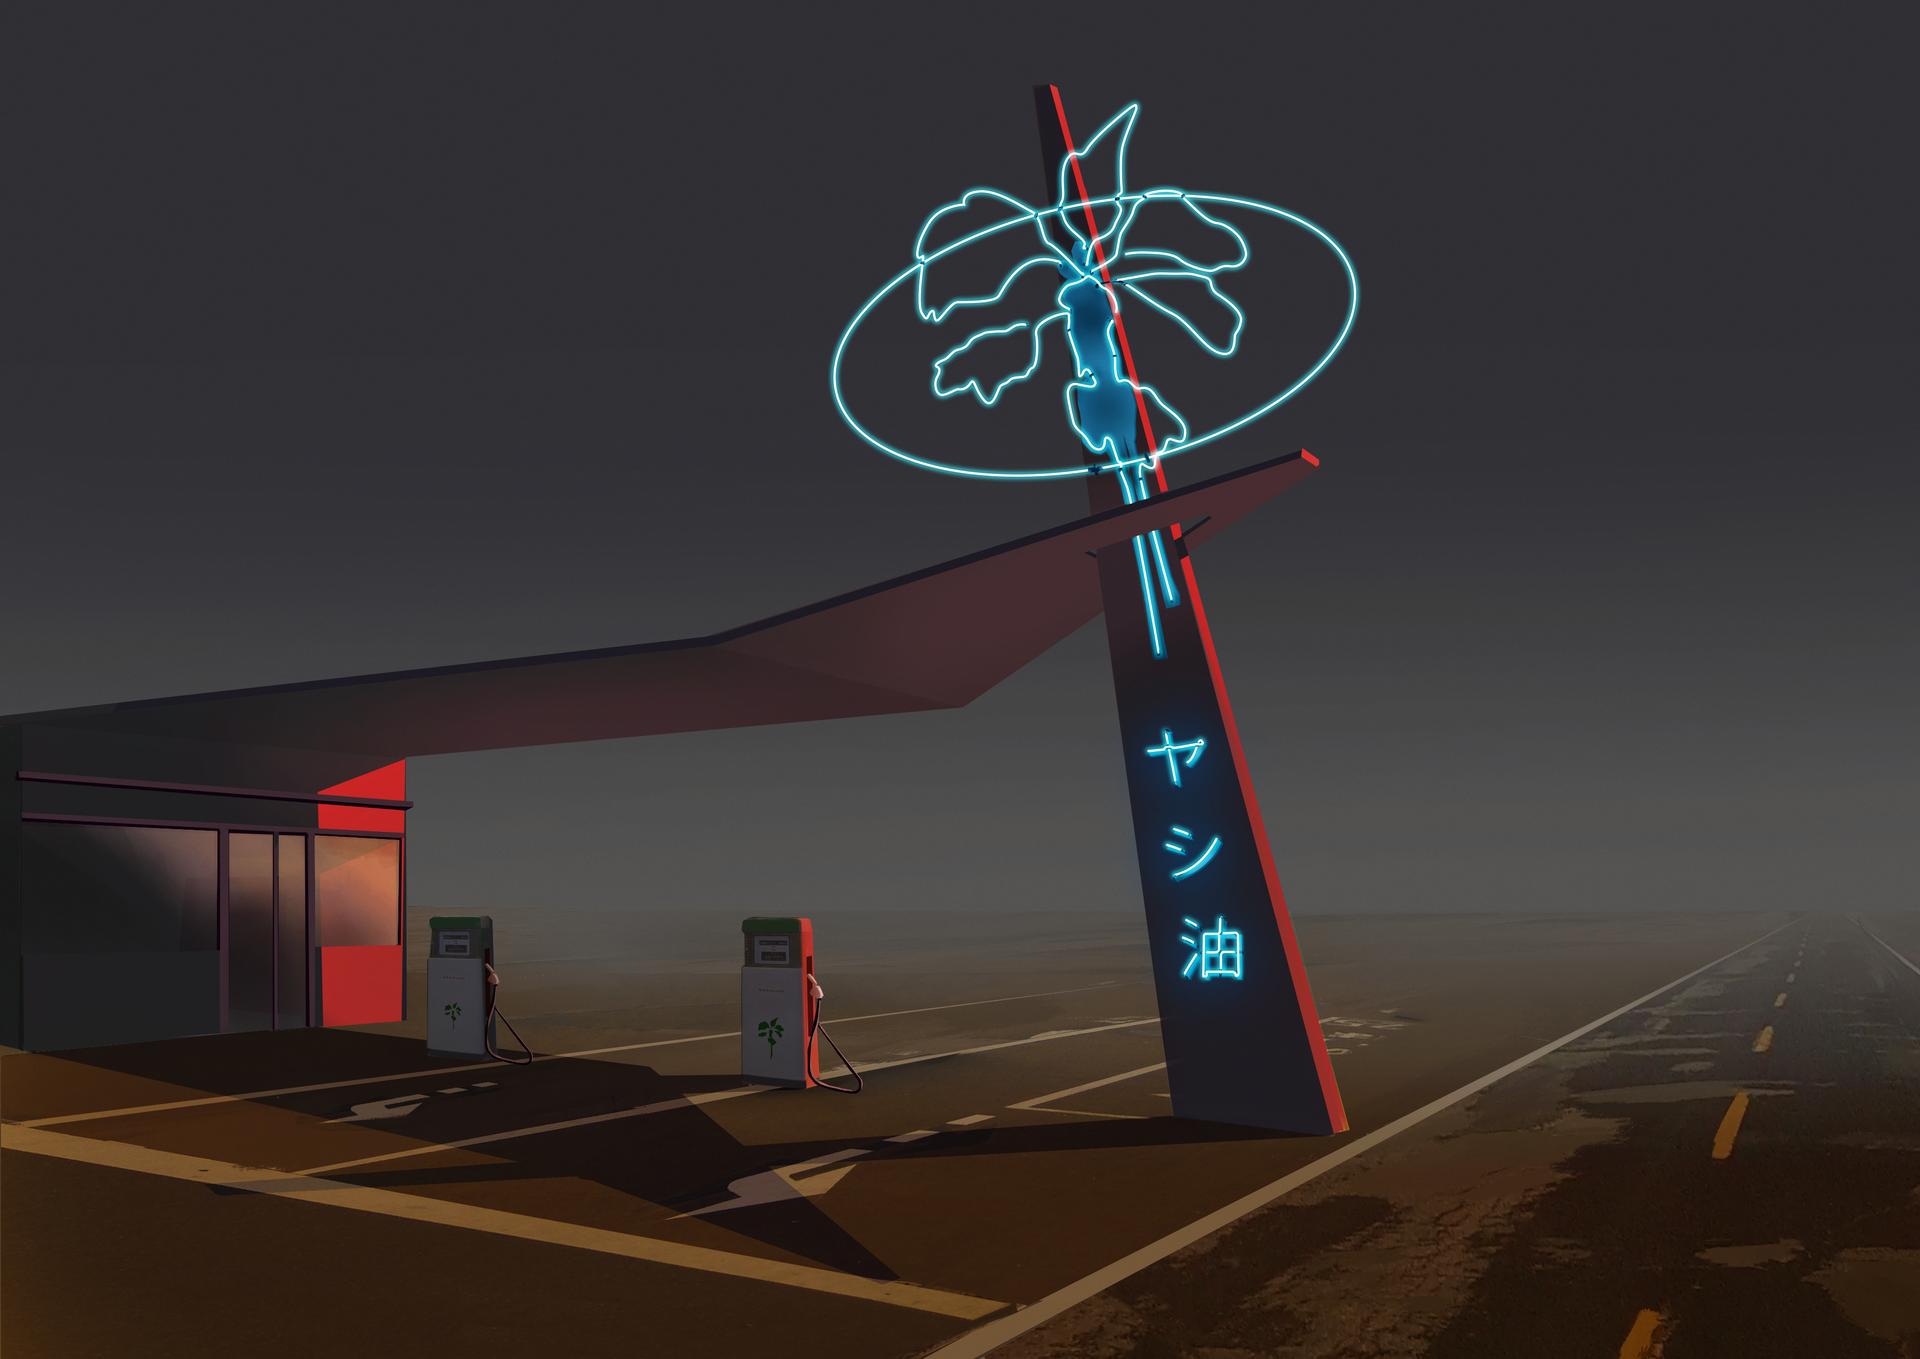 gasstation_noref.png